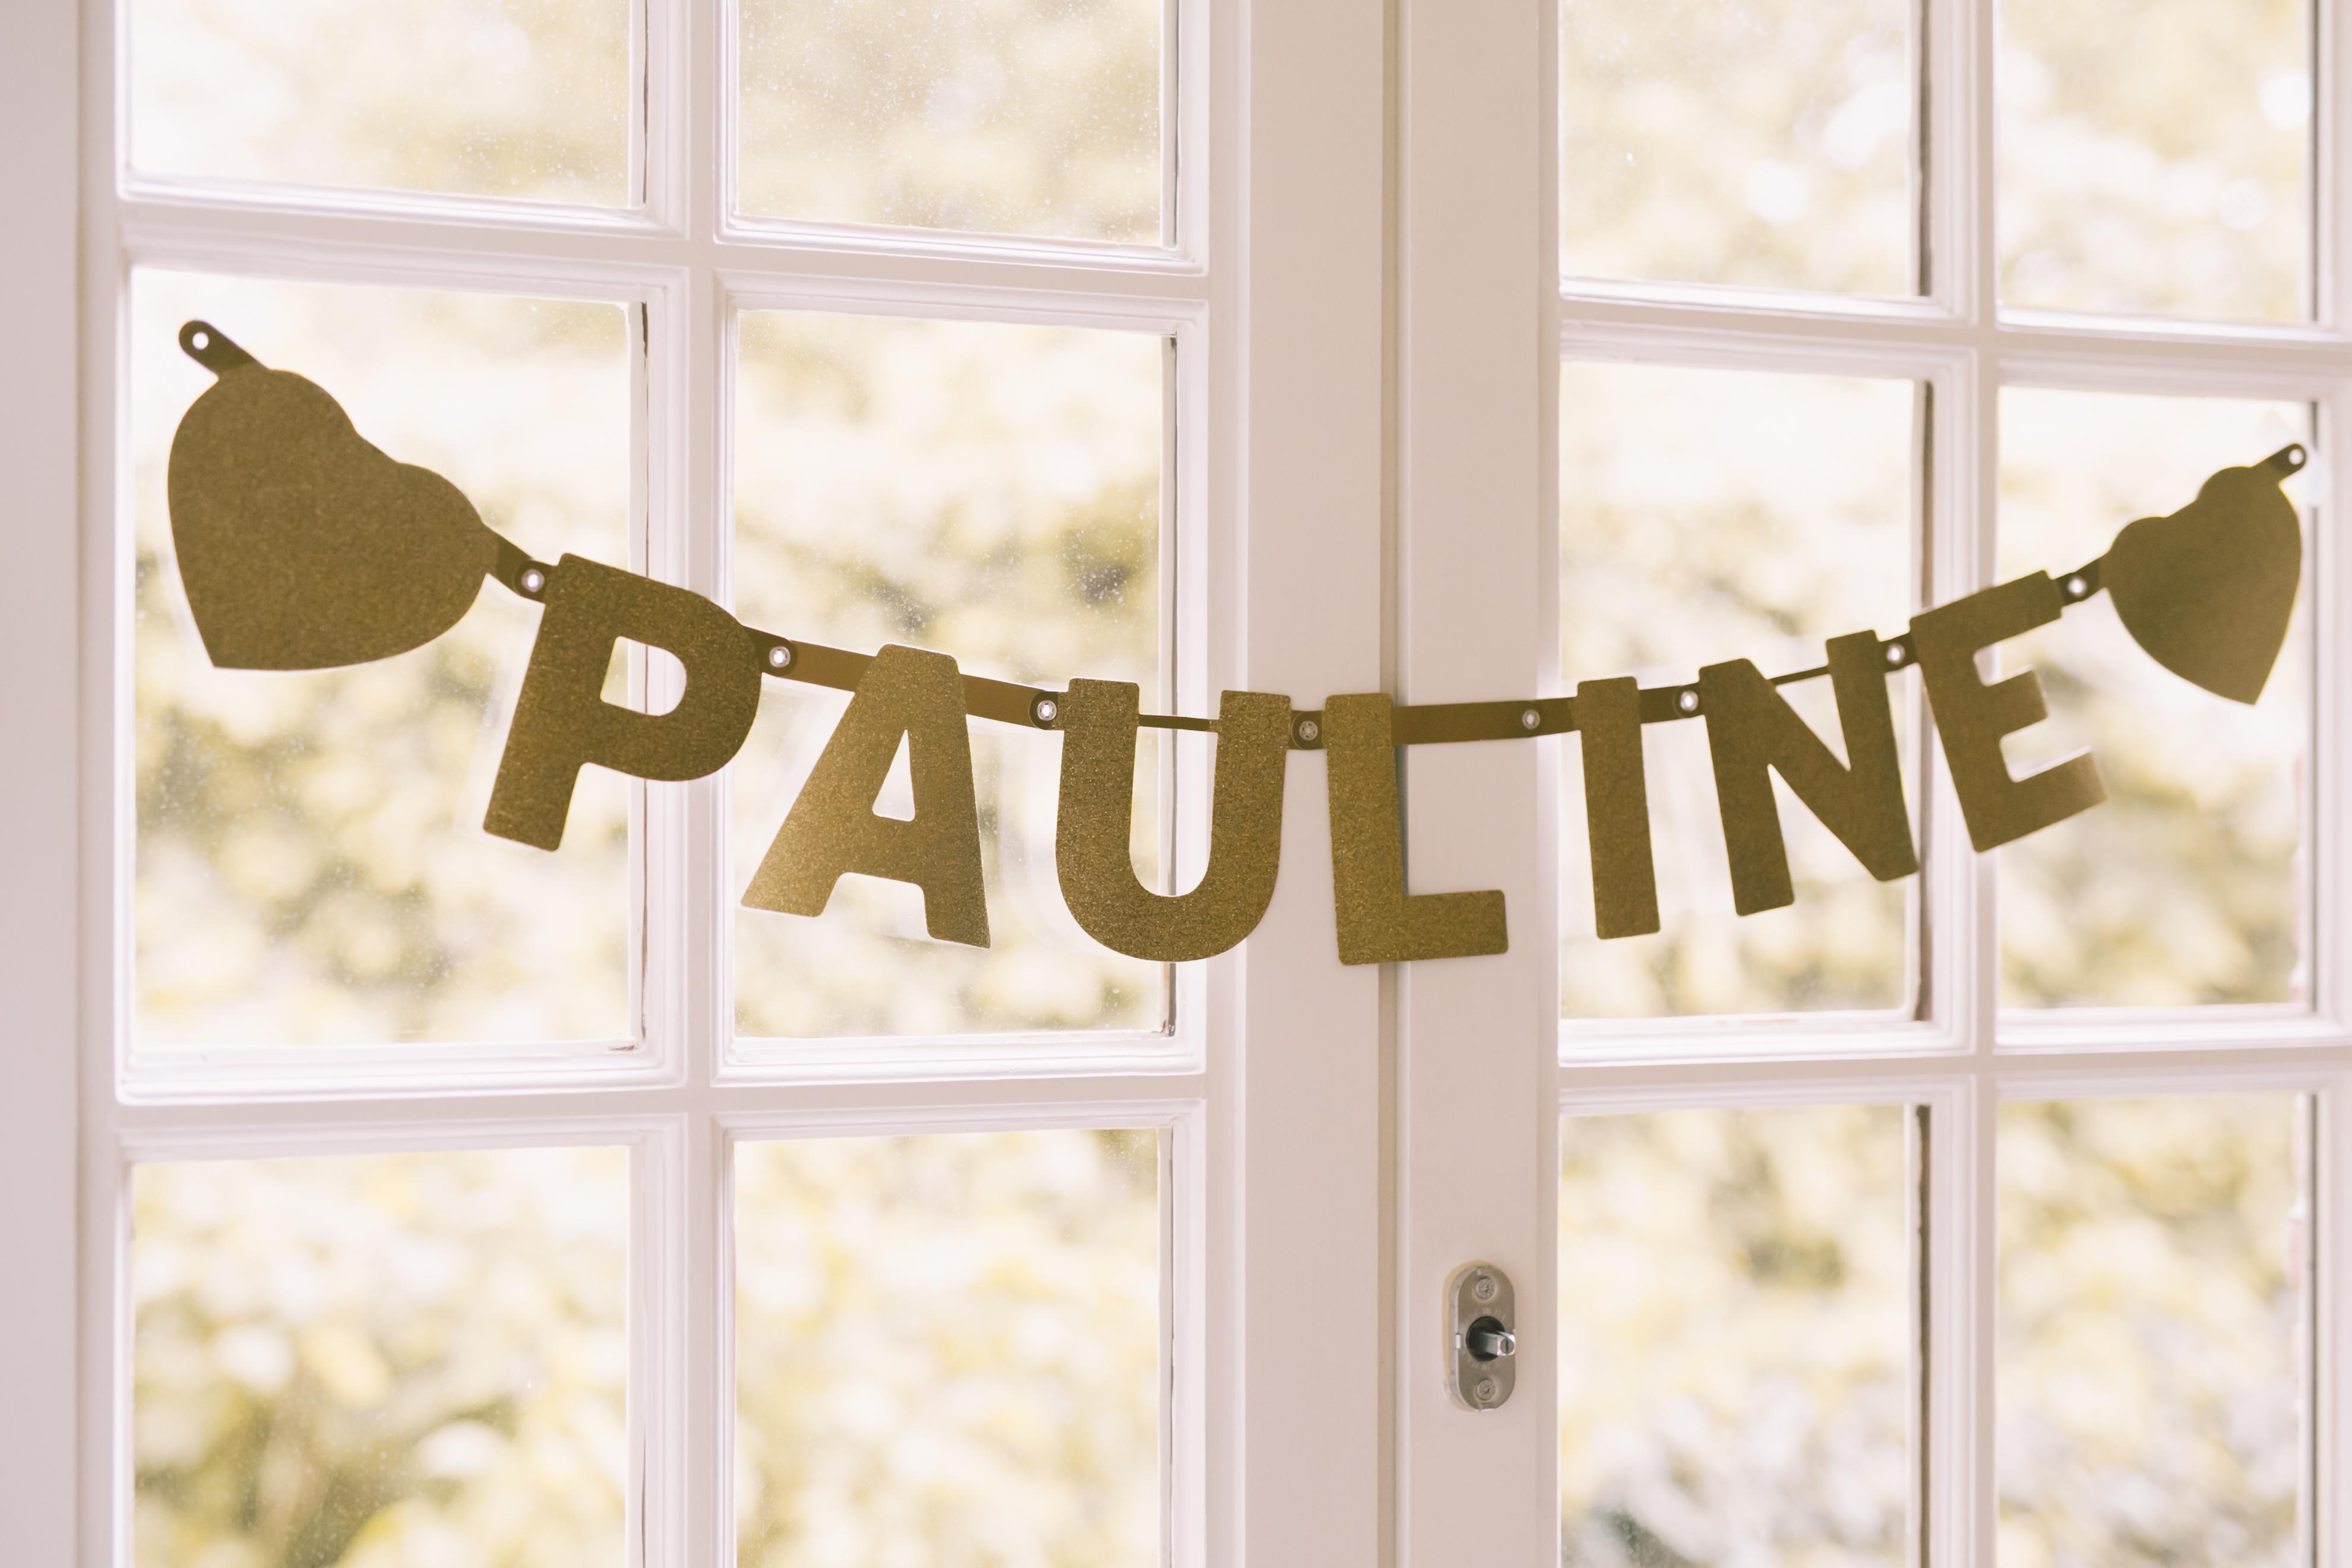 Pauline-1018